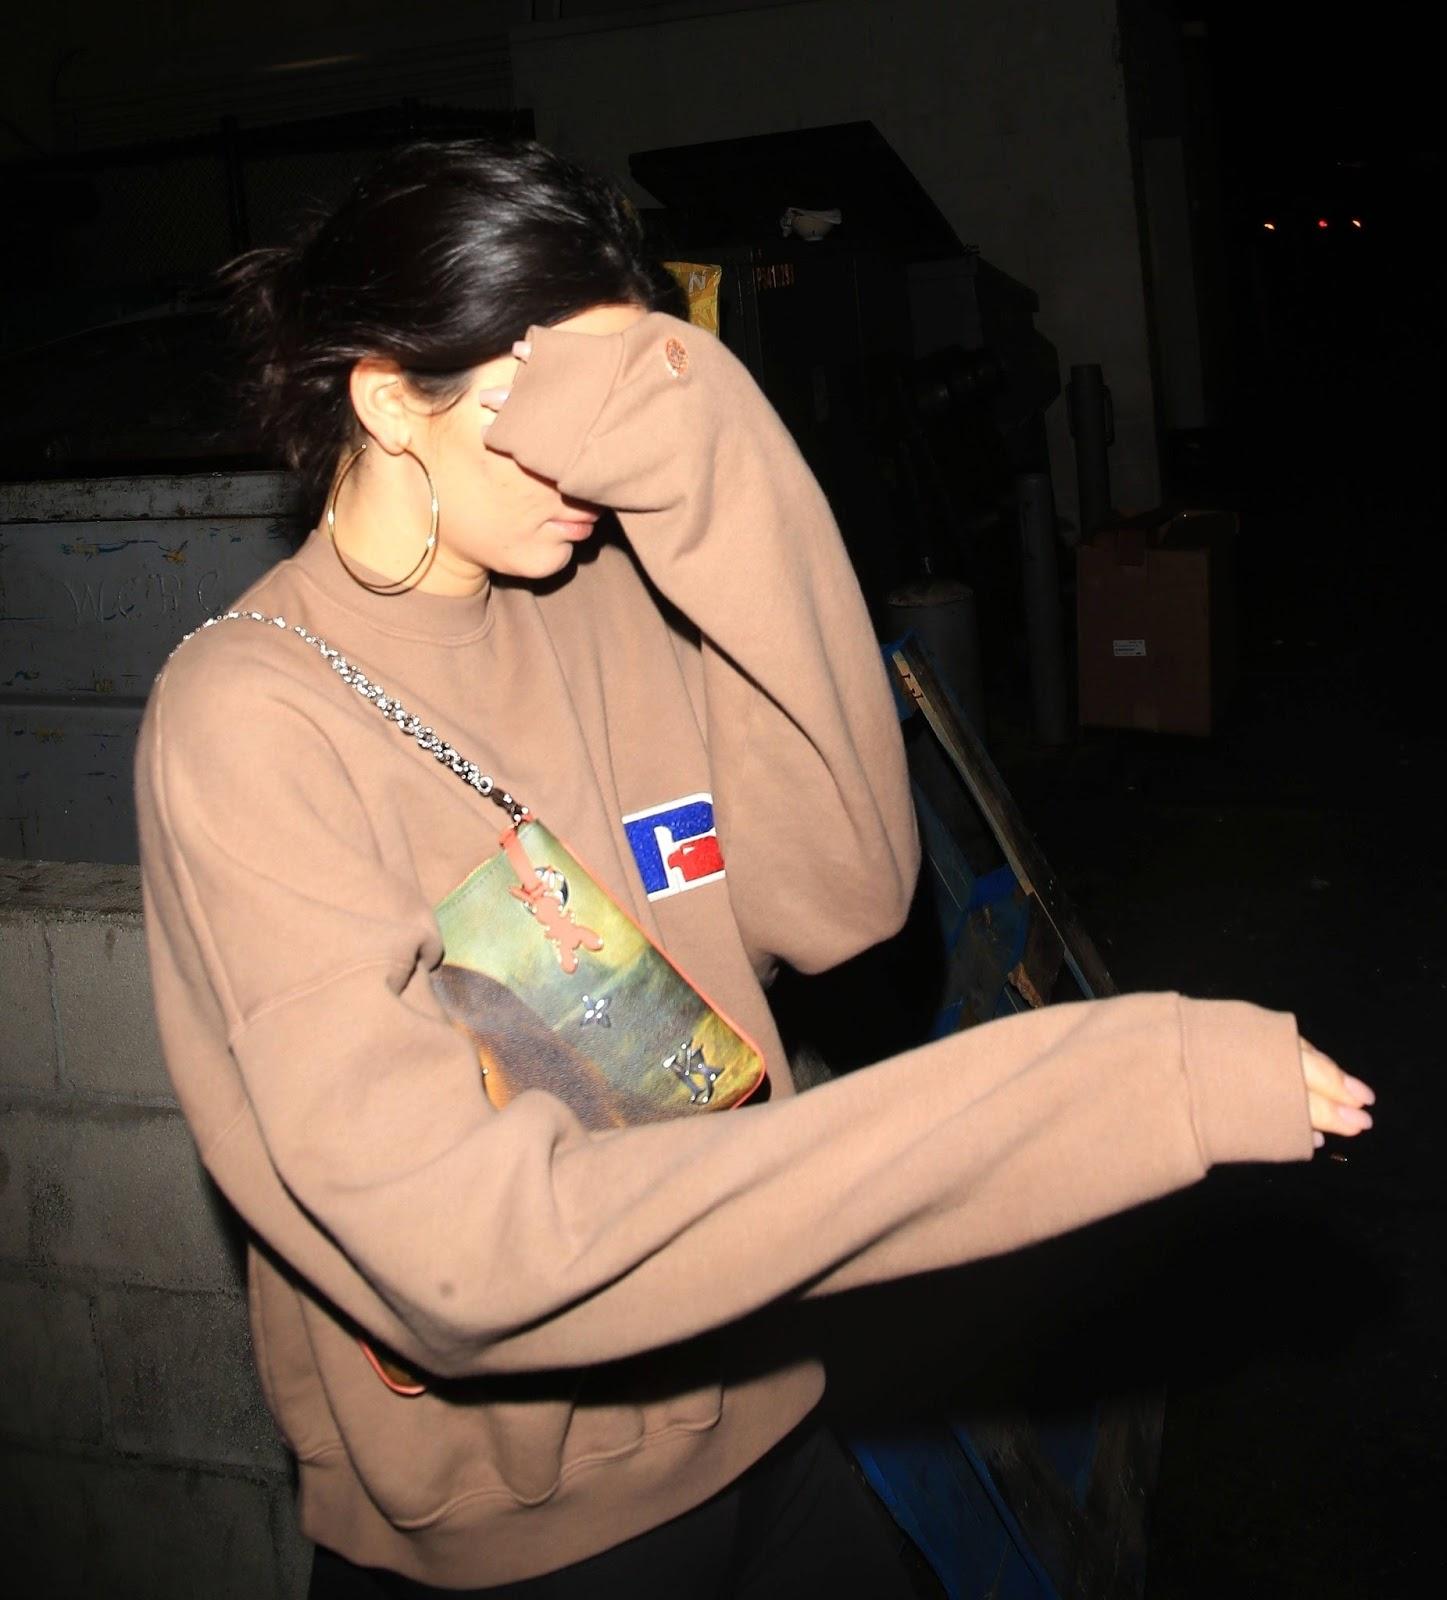 Kendall Jenner Leaving Mastro's restaurant